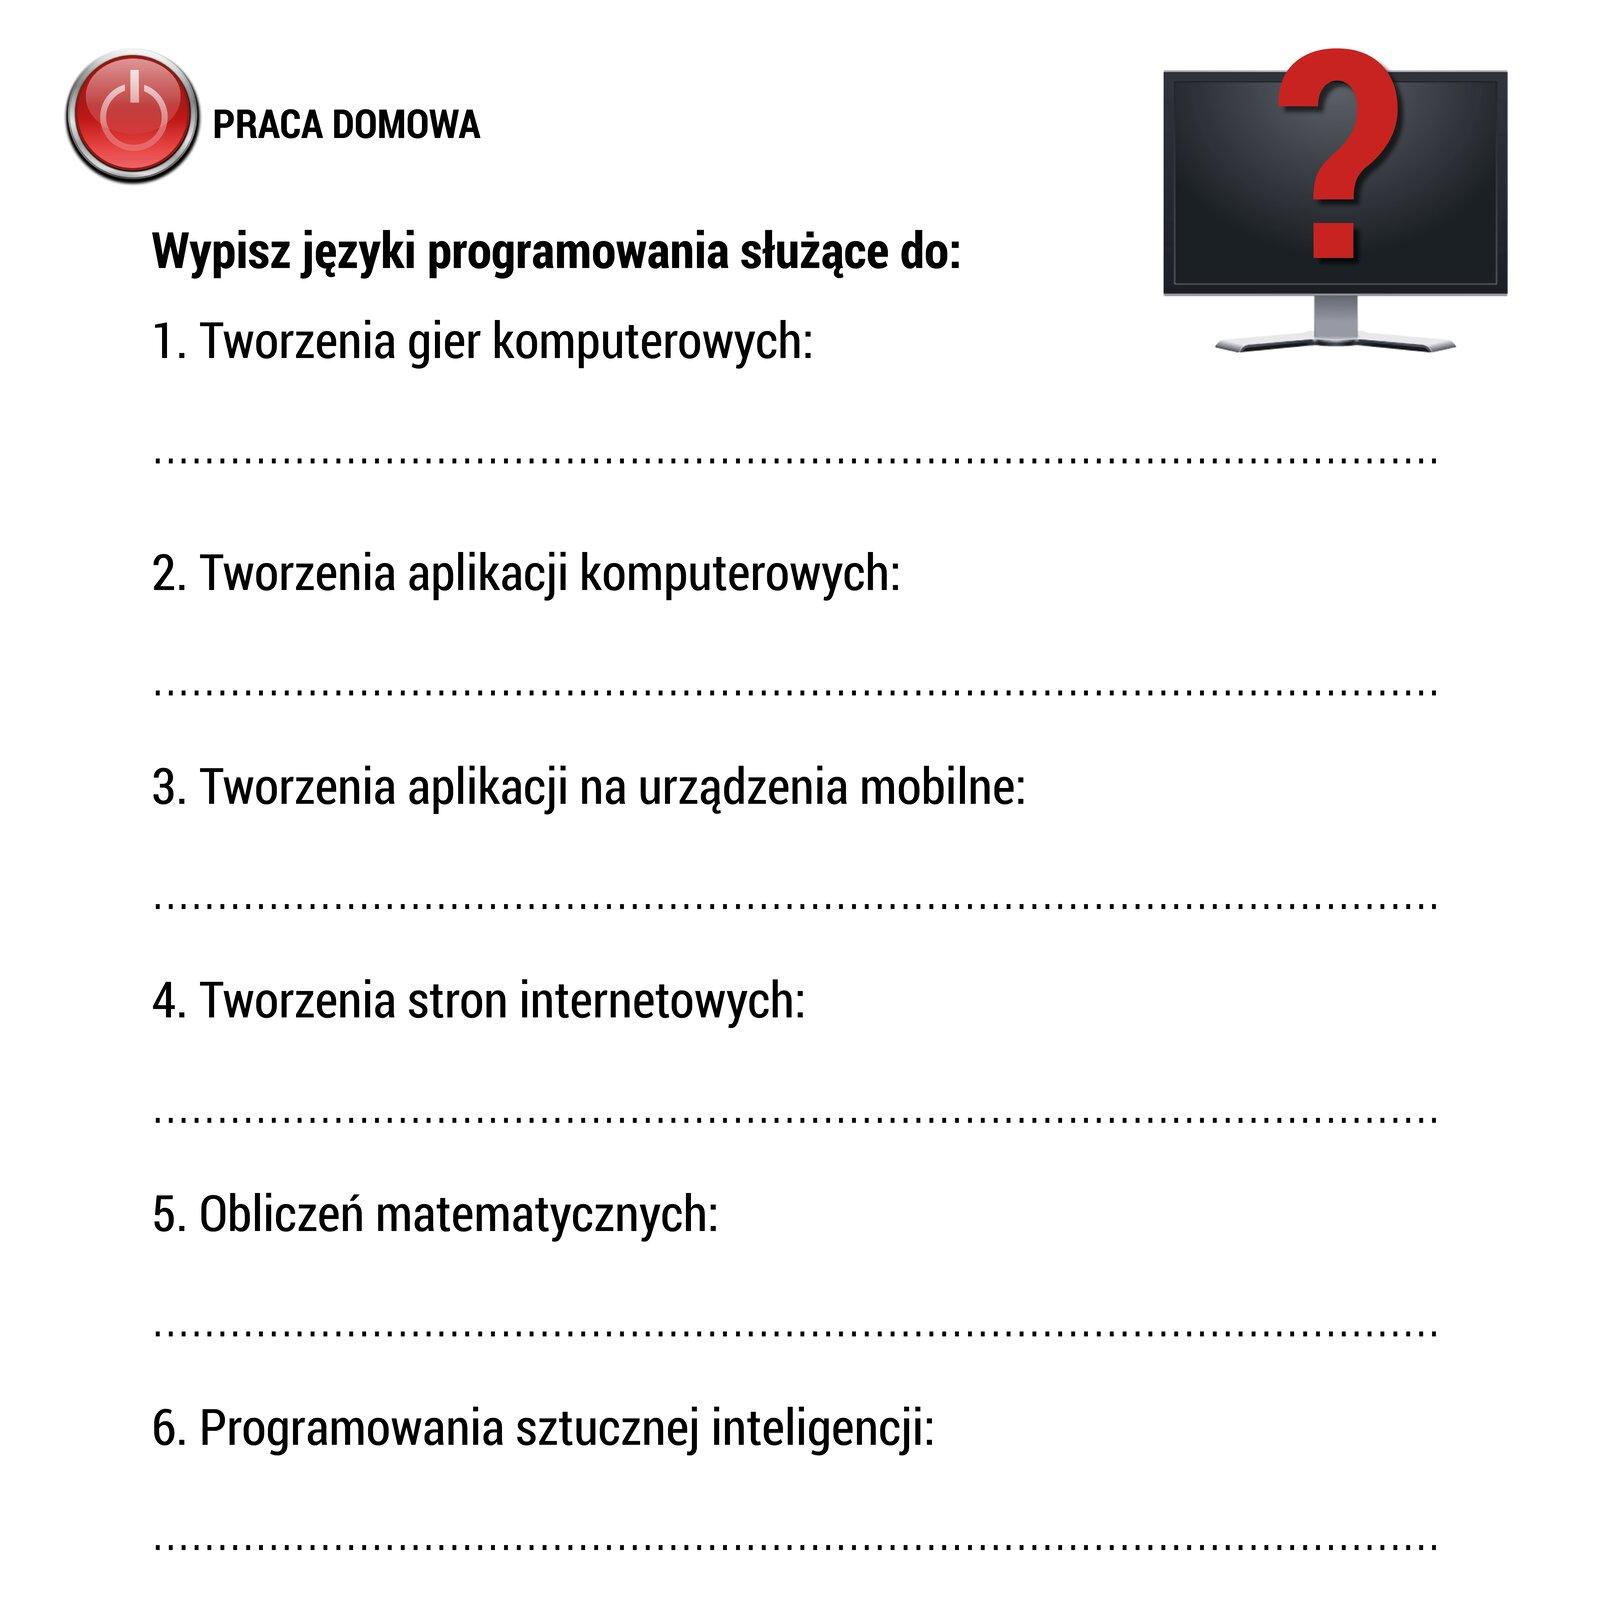 """Wramce zamieszczony jest arkusz pracy domowej. Wlewym górnym rogu arkusza umieszczono rysunek czerwonego przycisku zsymbolem włączania urządzeń elektronicznych (kółko od góry przecięte pionową kreską). Po prawej stronie rysunku znajduje się napis: """"PRACA DOMOWA"""". Poniżej umieszczono polecenie otreści: """"Wypisz języki programowania służące do:"""". Poniżej wsześciu ponumerowanych 1-6 wierszach umieszczono informacje oróżnych zastosowaniach języków programowania. Od góry: tworzenia gier komputerowych, tworzenia aplikacji komputerowych, tworzenia aplikacji na urządzenia mobilne, tworzenia stron internetowych, obliczeń matematycznych, programowania sztucznej inteligencji. Pod każdym wierszem znajduje się przerywana linia, na której należy umieścić pasujące nazwy języków programowania. Wprawym górnym rogu arkusza znajduje się rysunek monitora komputerowego. Na jego czarnym ekranie znajduje się duży znak zapytania wkolorze czerwonym."""